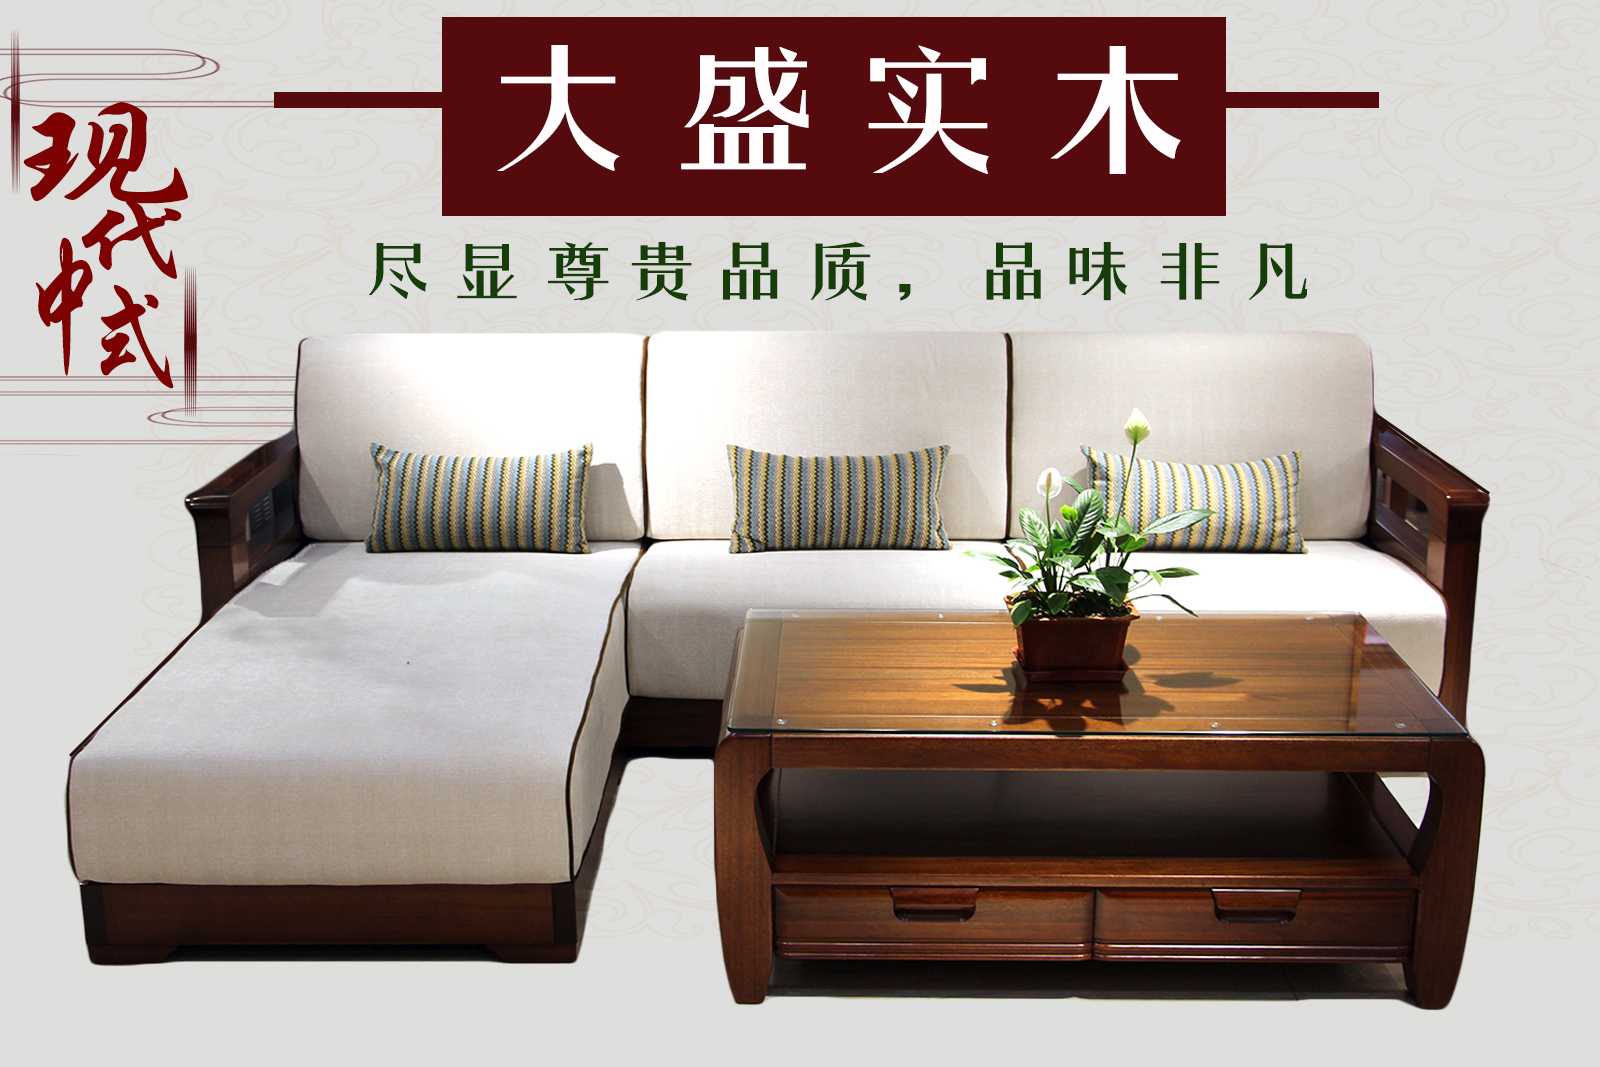 大盛实木家具带你品味现代中式独特风味